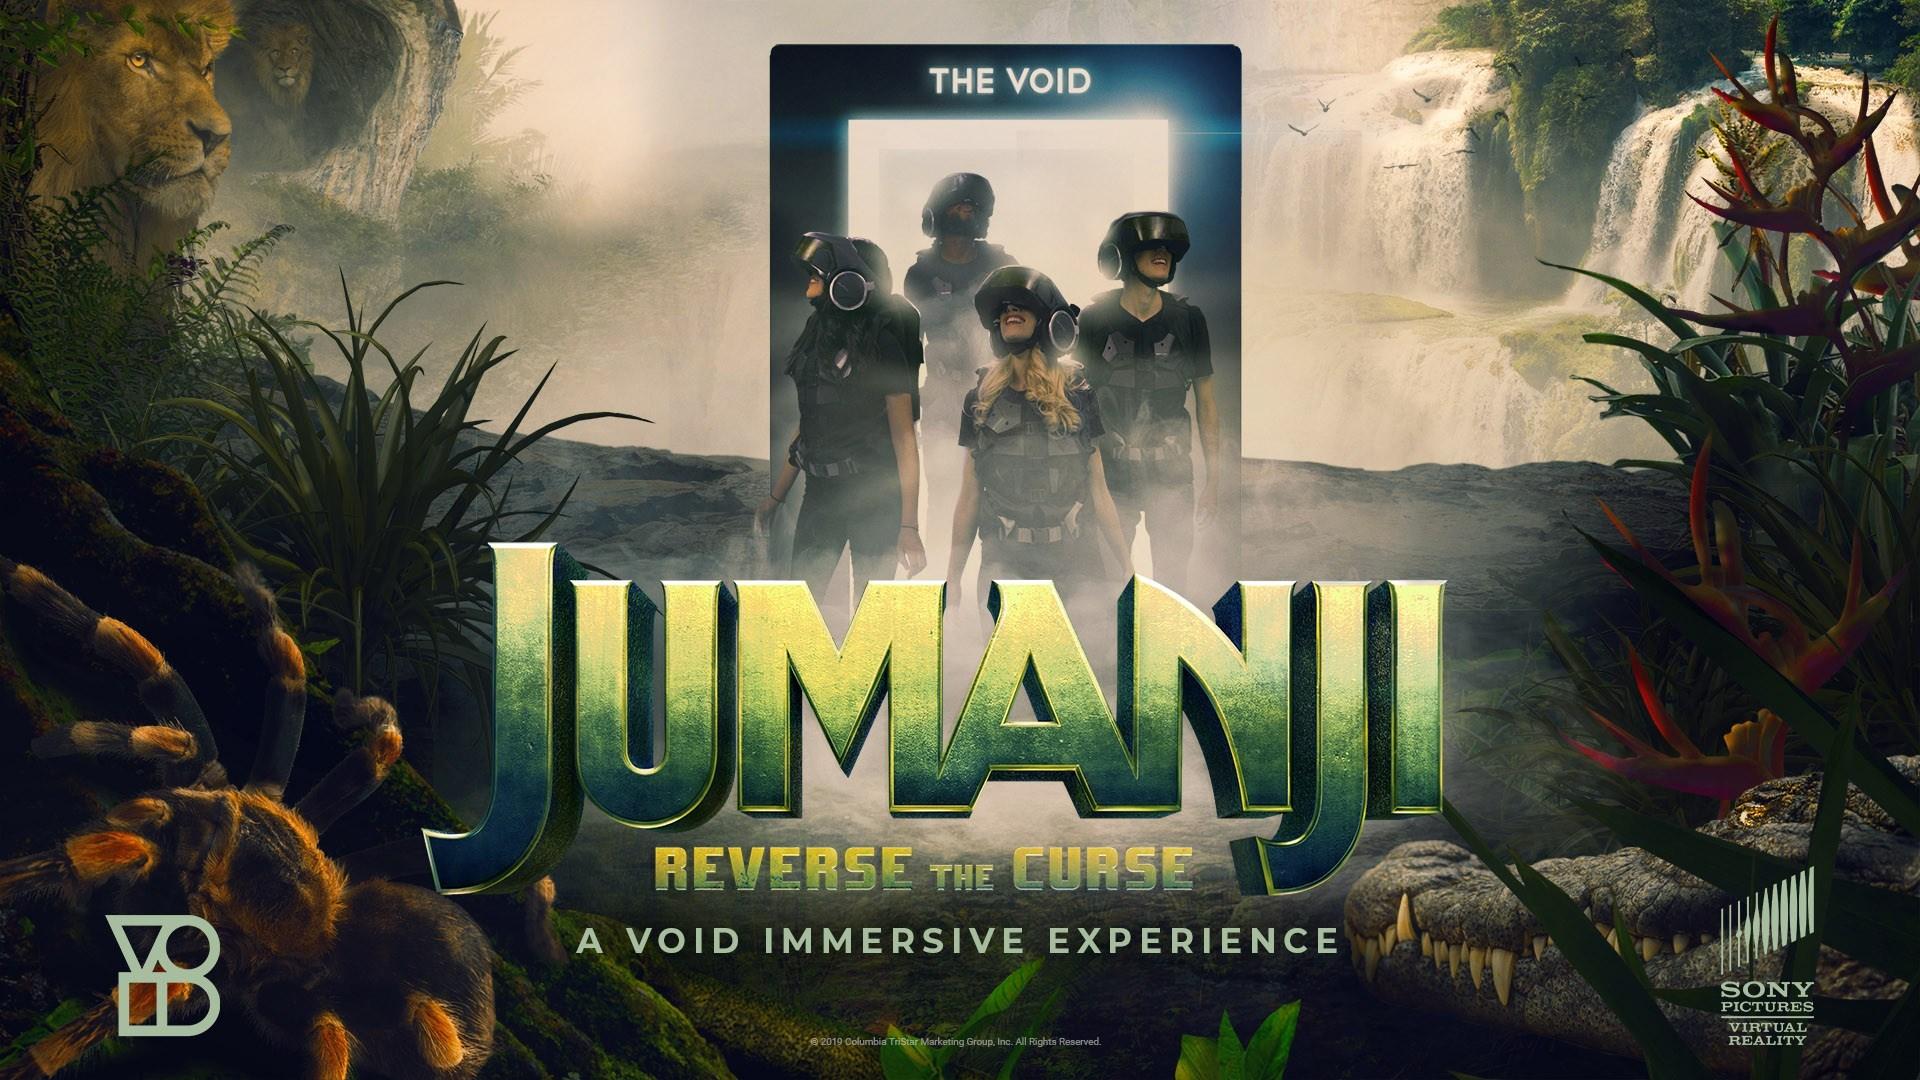 索尼与The VOID合作打造《Jumanji: Reverse the Curse》VR 游戏